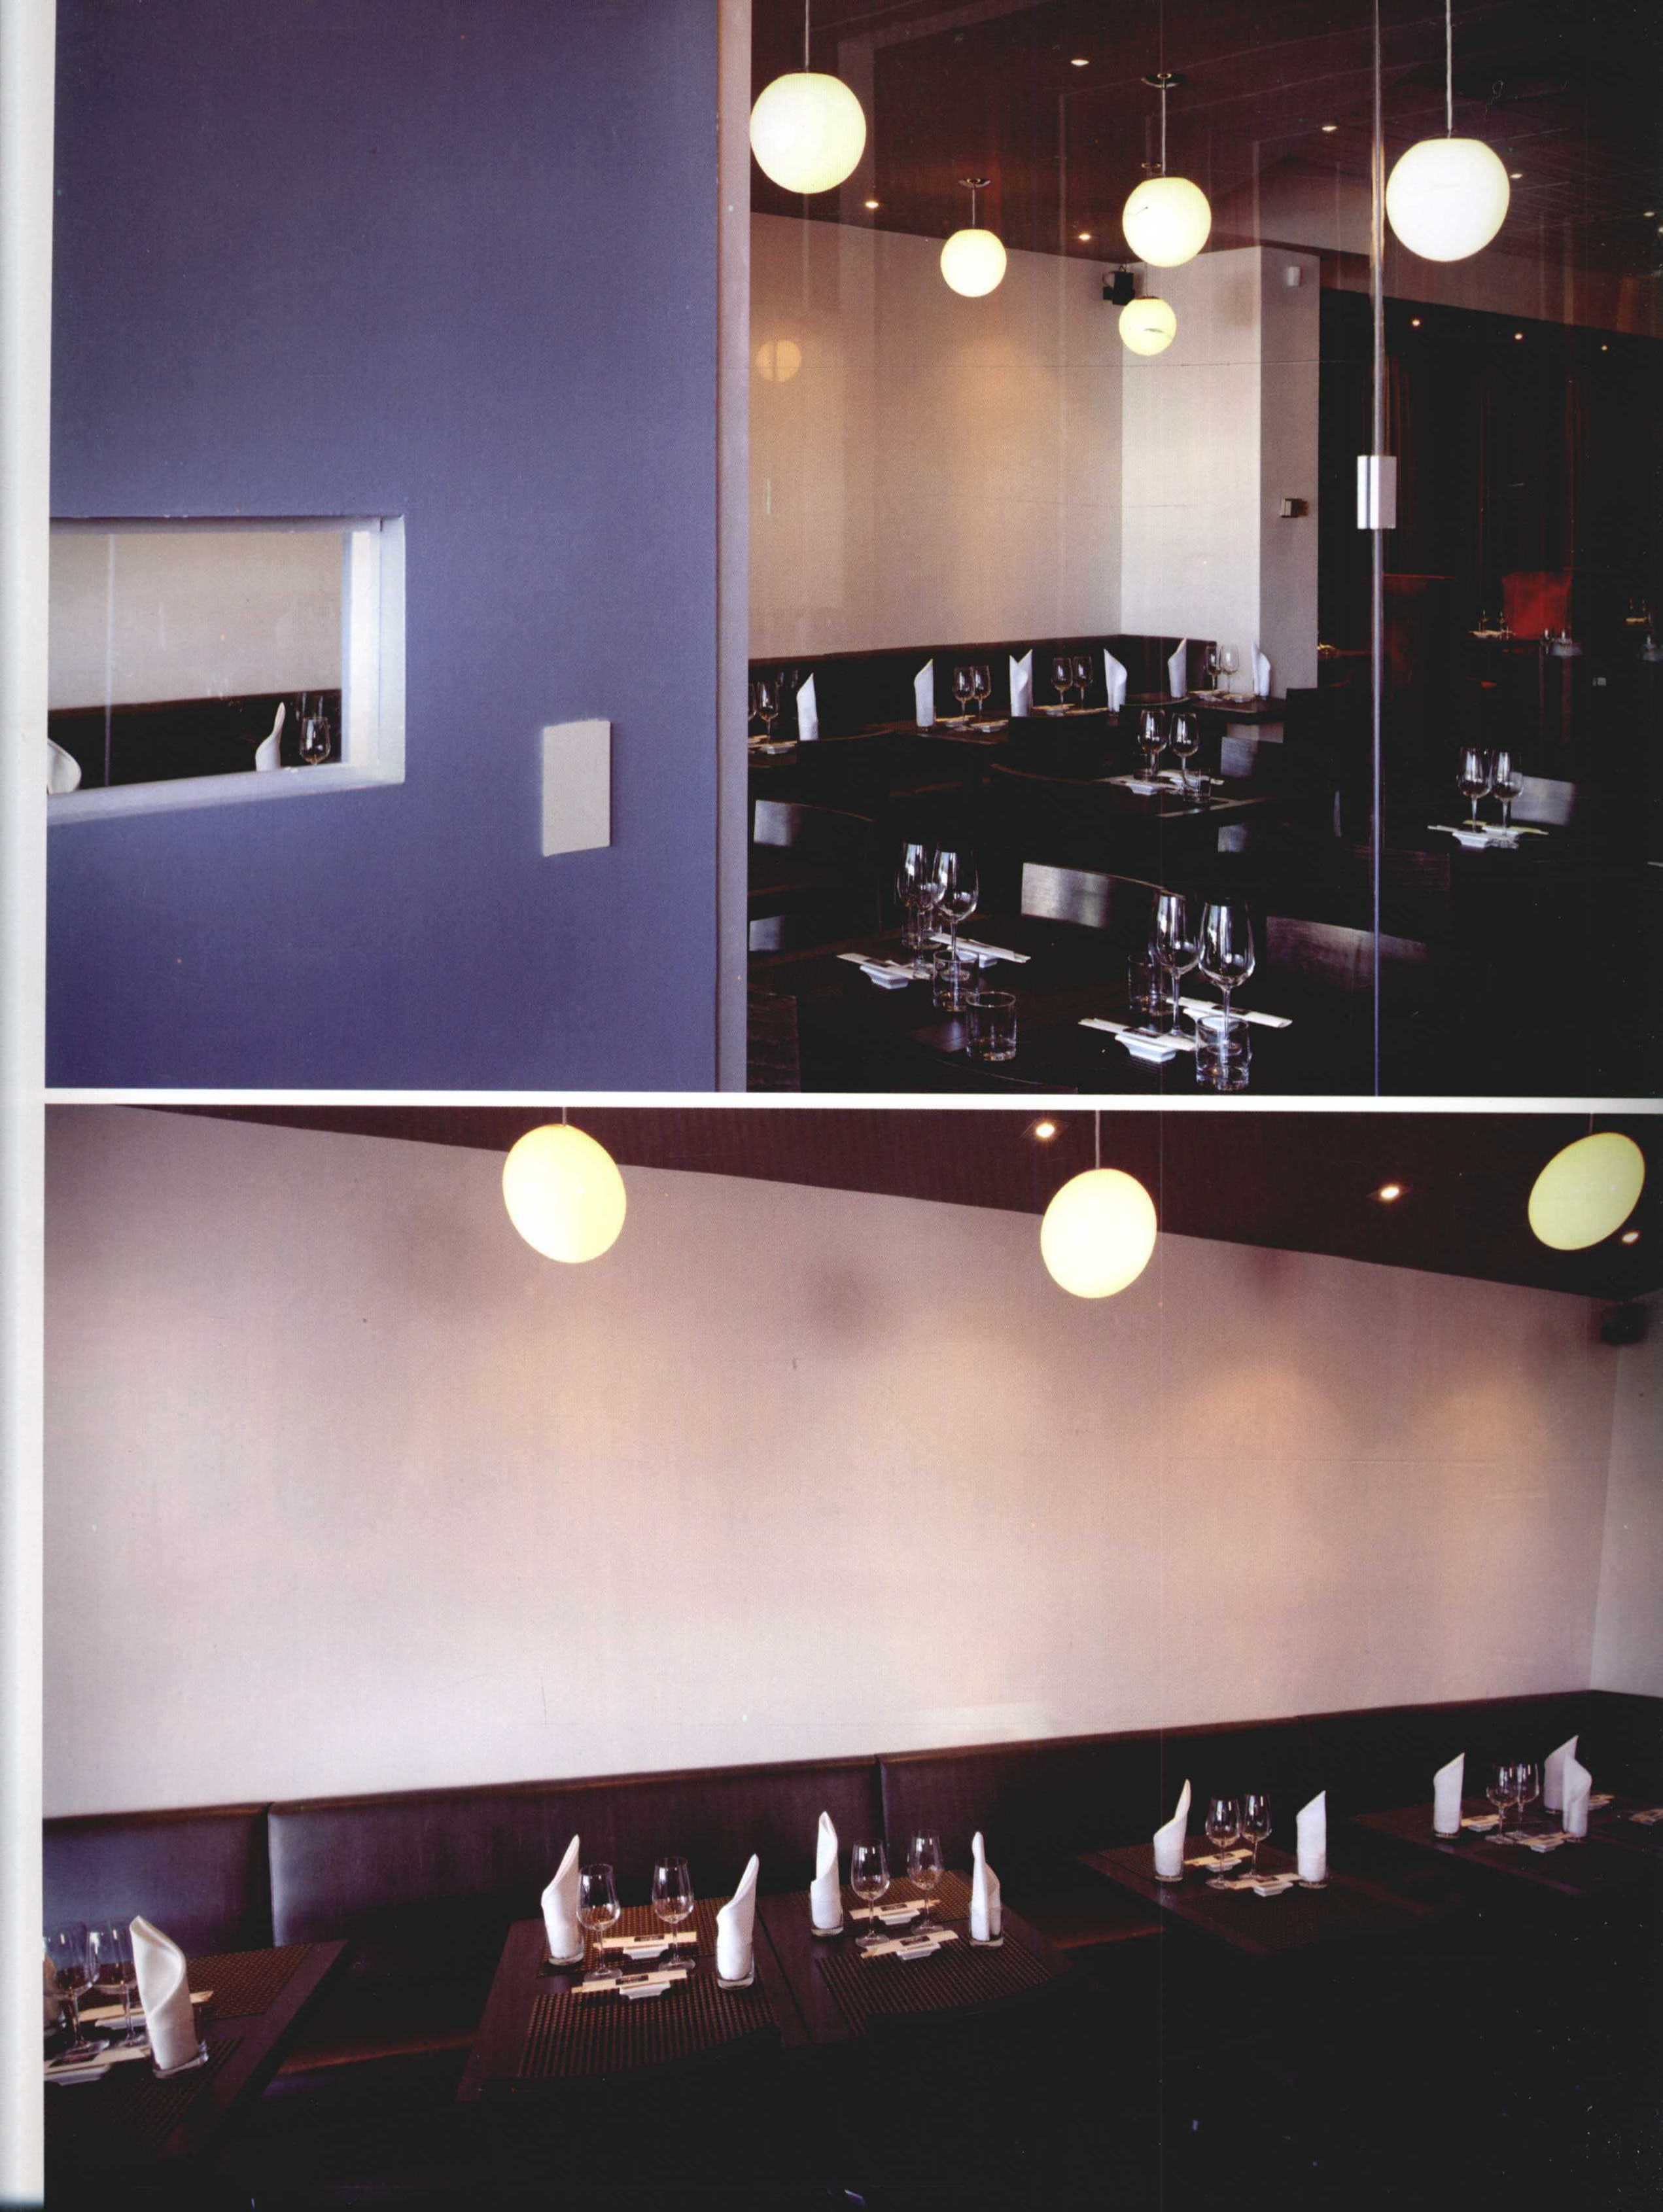 2012全球室内设计年鉴  餐饮_Page_265.jpg